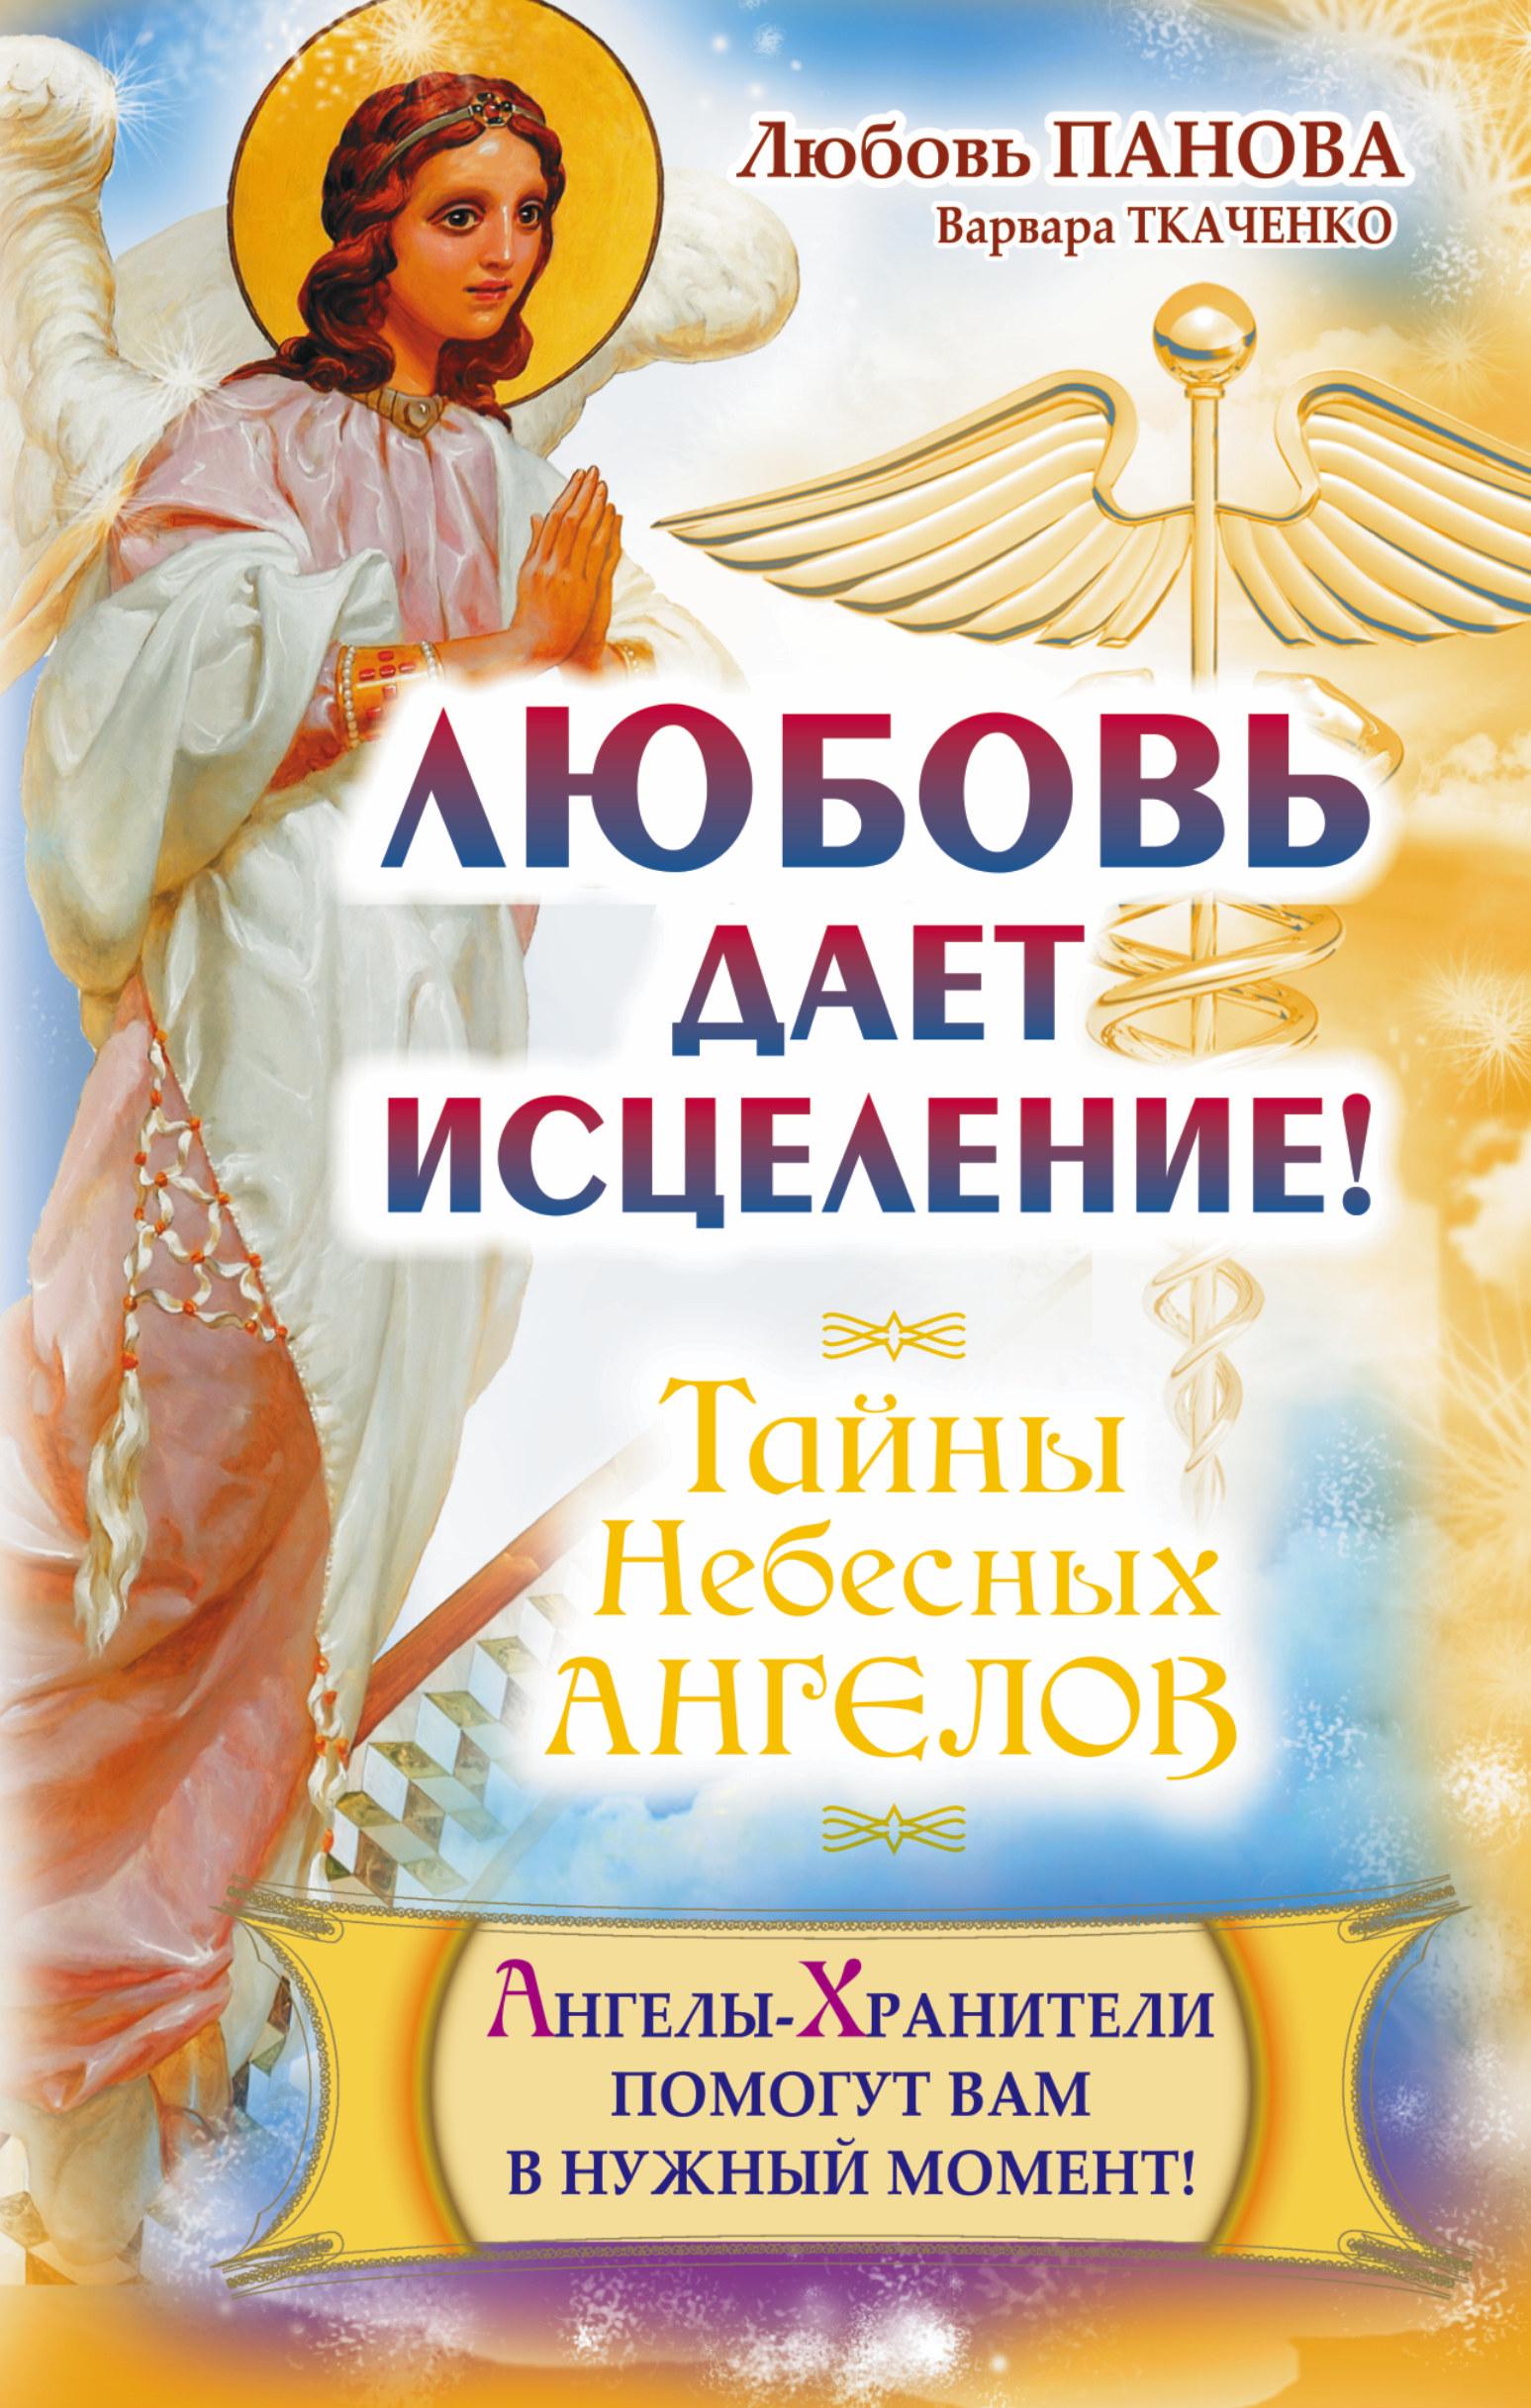 Панова Любовь,  Ткаченко Варвара Любовь дает исцеление! Ангелы-Хранители помогут вам в нужный момент!